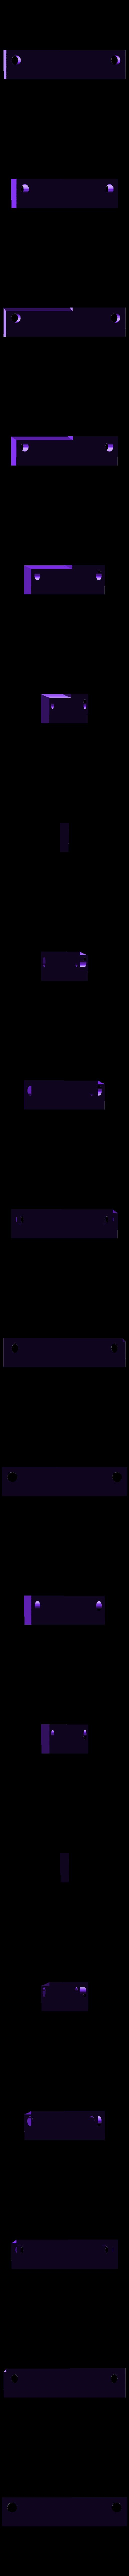 Tapa_2.0.stl Télécharger fichier STL gratuit Distributeur automatique de gel Remix • Plan à imprimer en 3D, maxine95